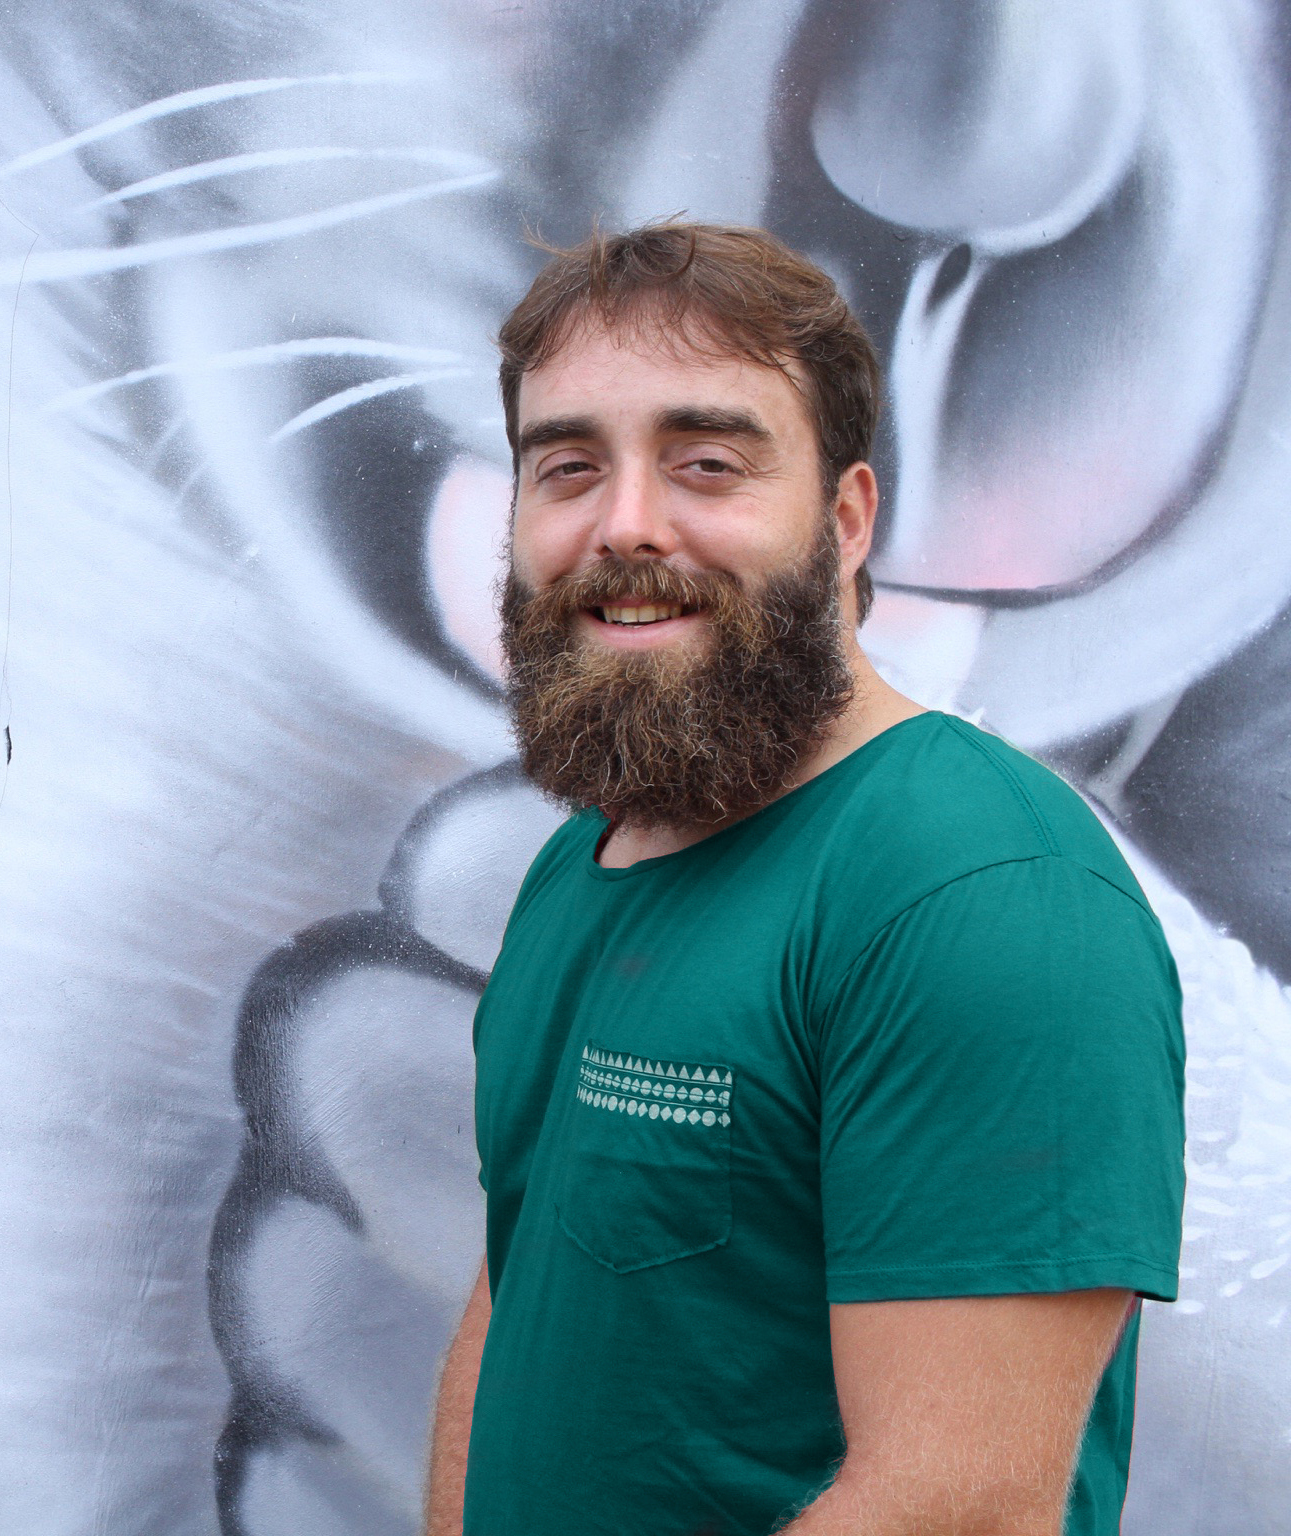 Javier Barros